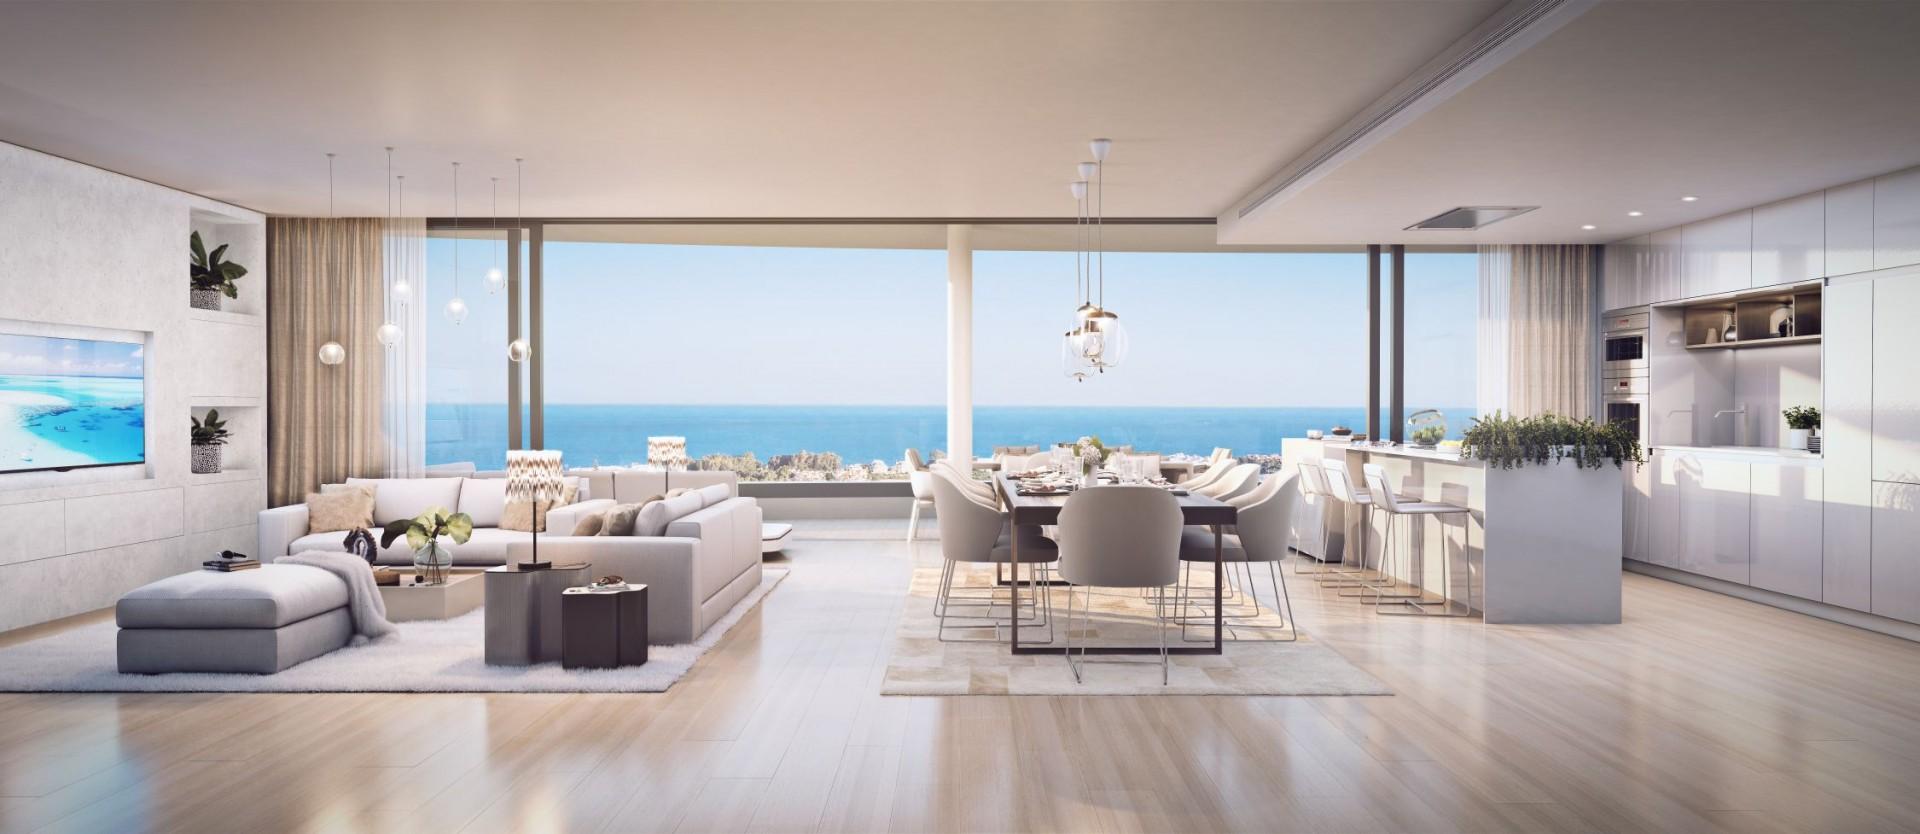 Prachtig ontworpen eigentijdse appartementen met uitzicht over de kust van Fuengirola.PL73